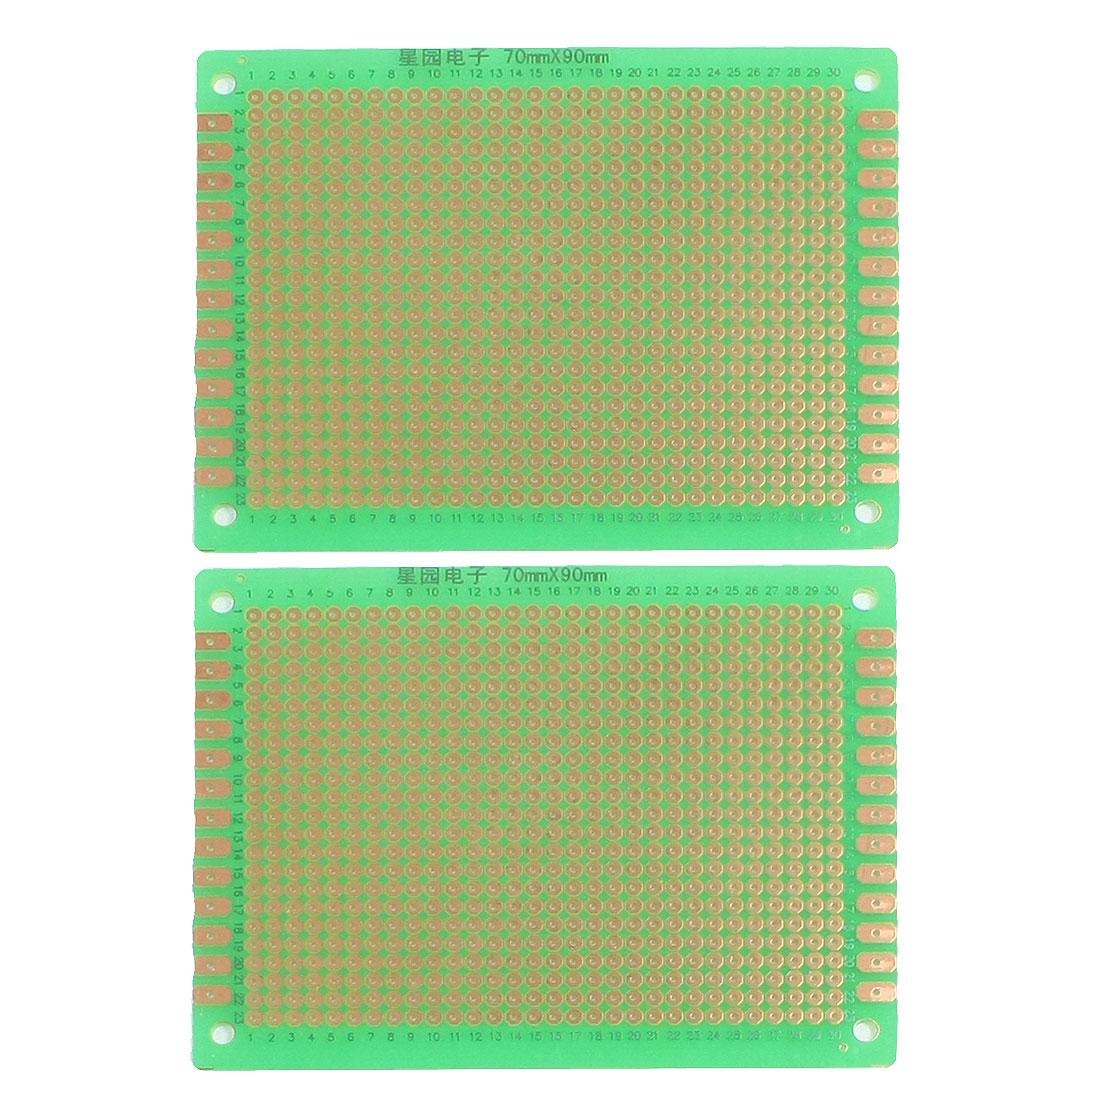 2 Pcs Prototyping Single Side PCB Board Stripboard Green 9x7cm